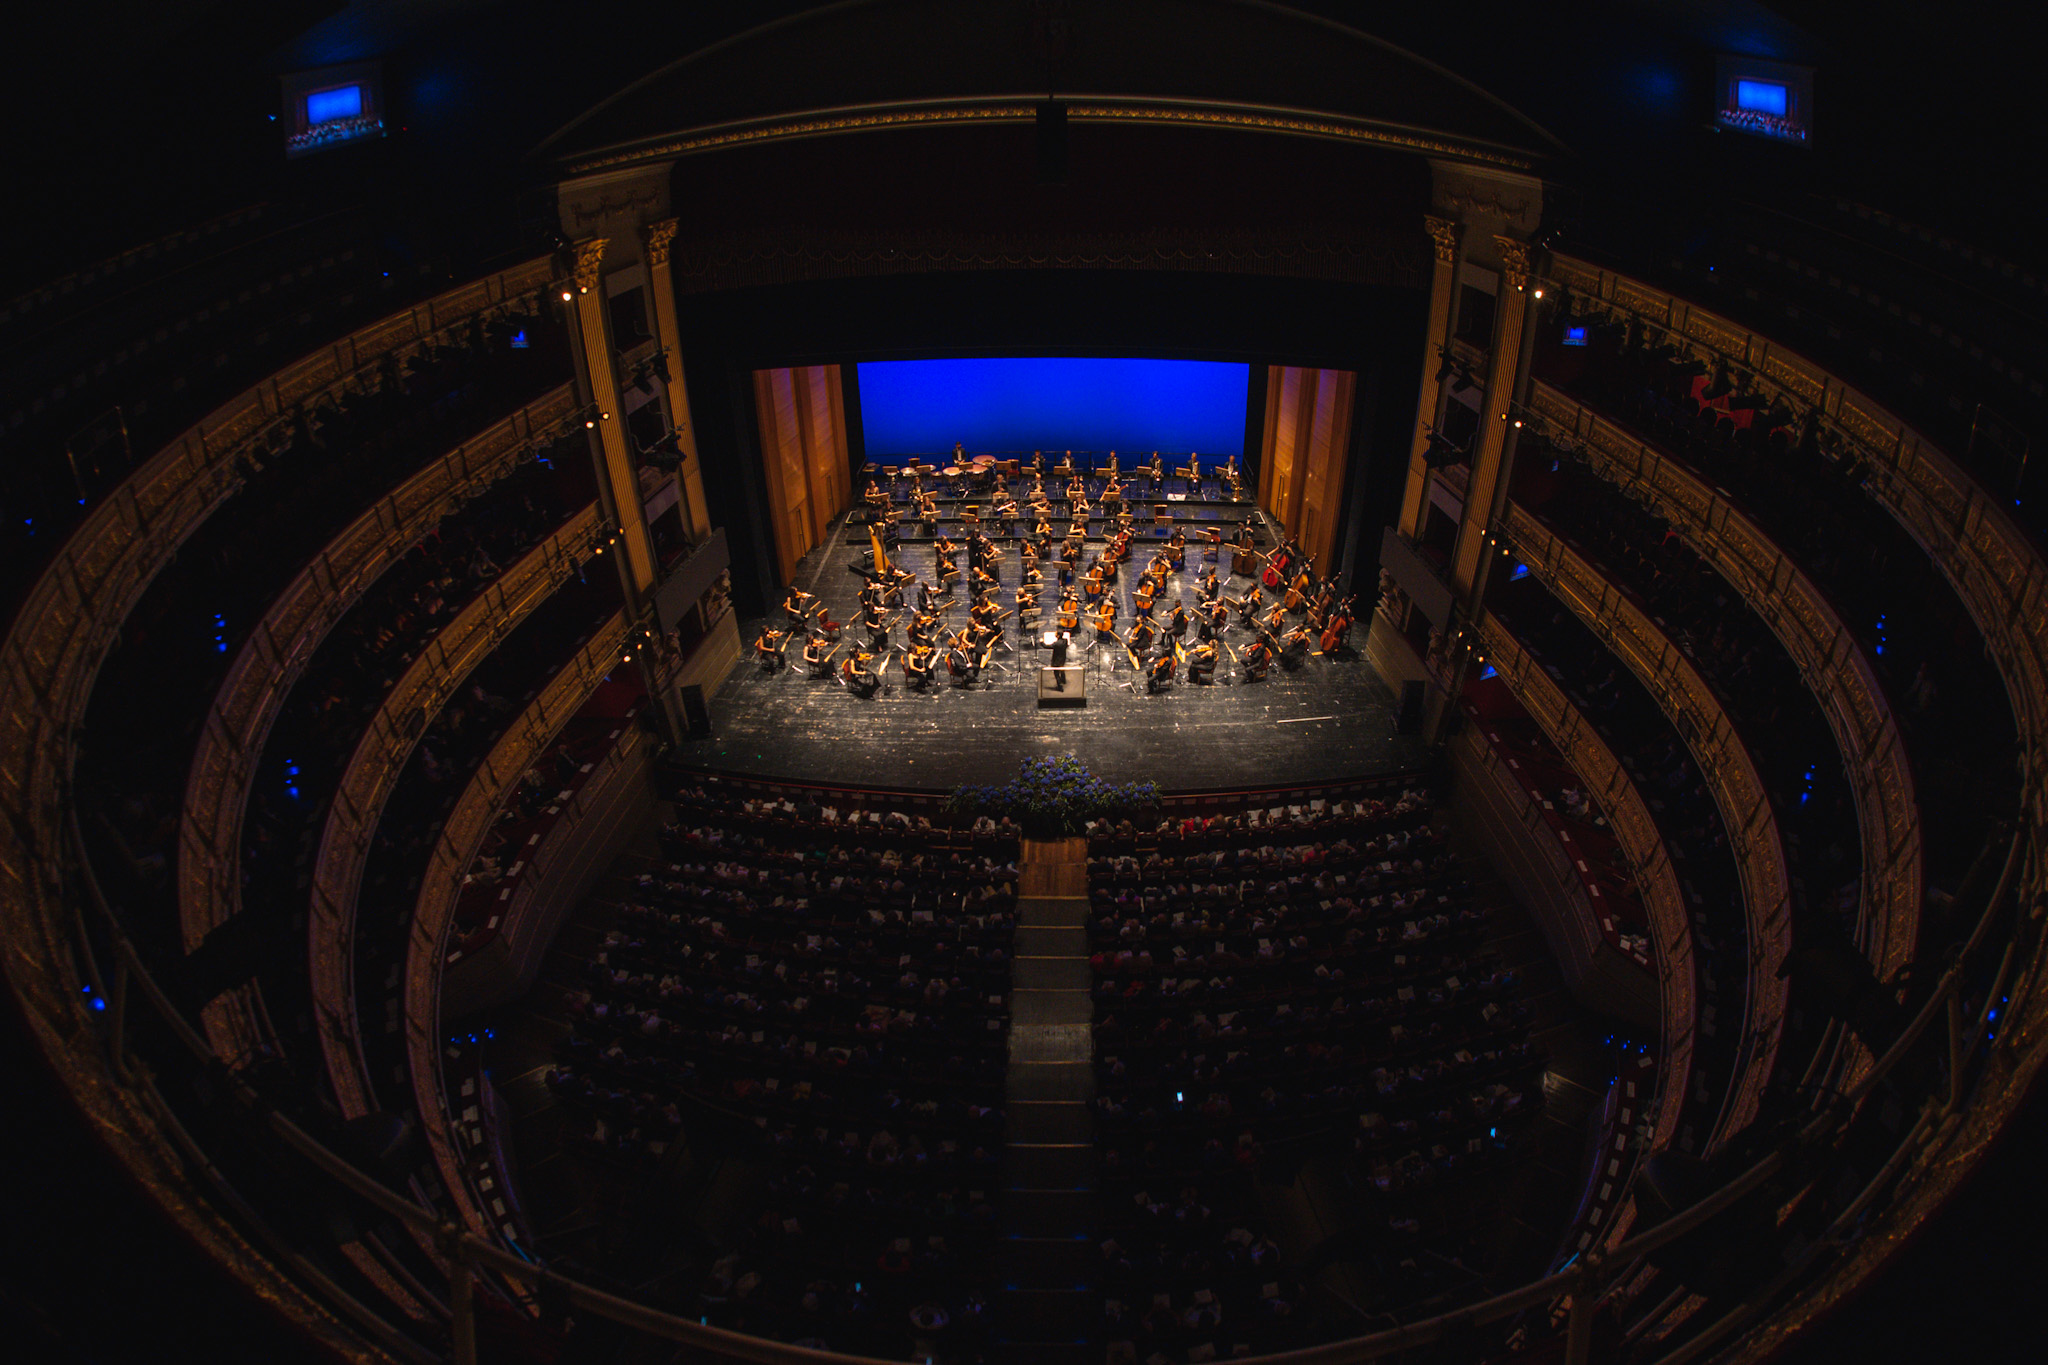 Escuela Superior de Música Reina Sofía: a por otros treinta años más